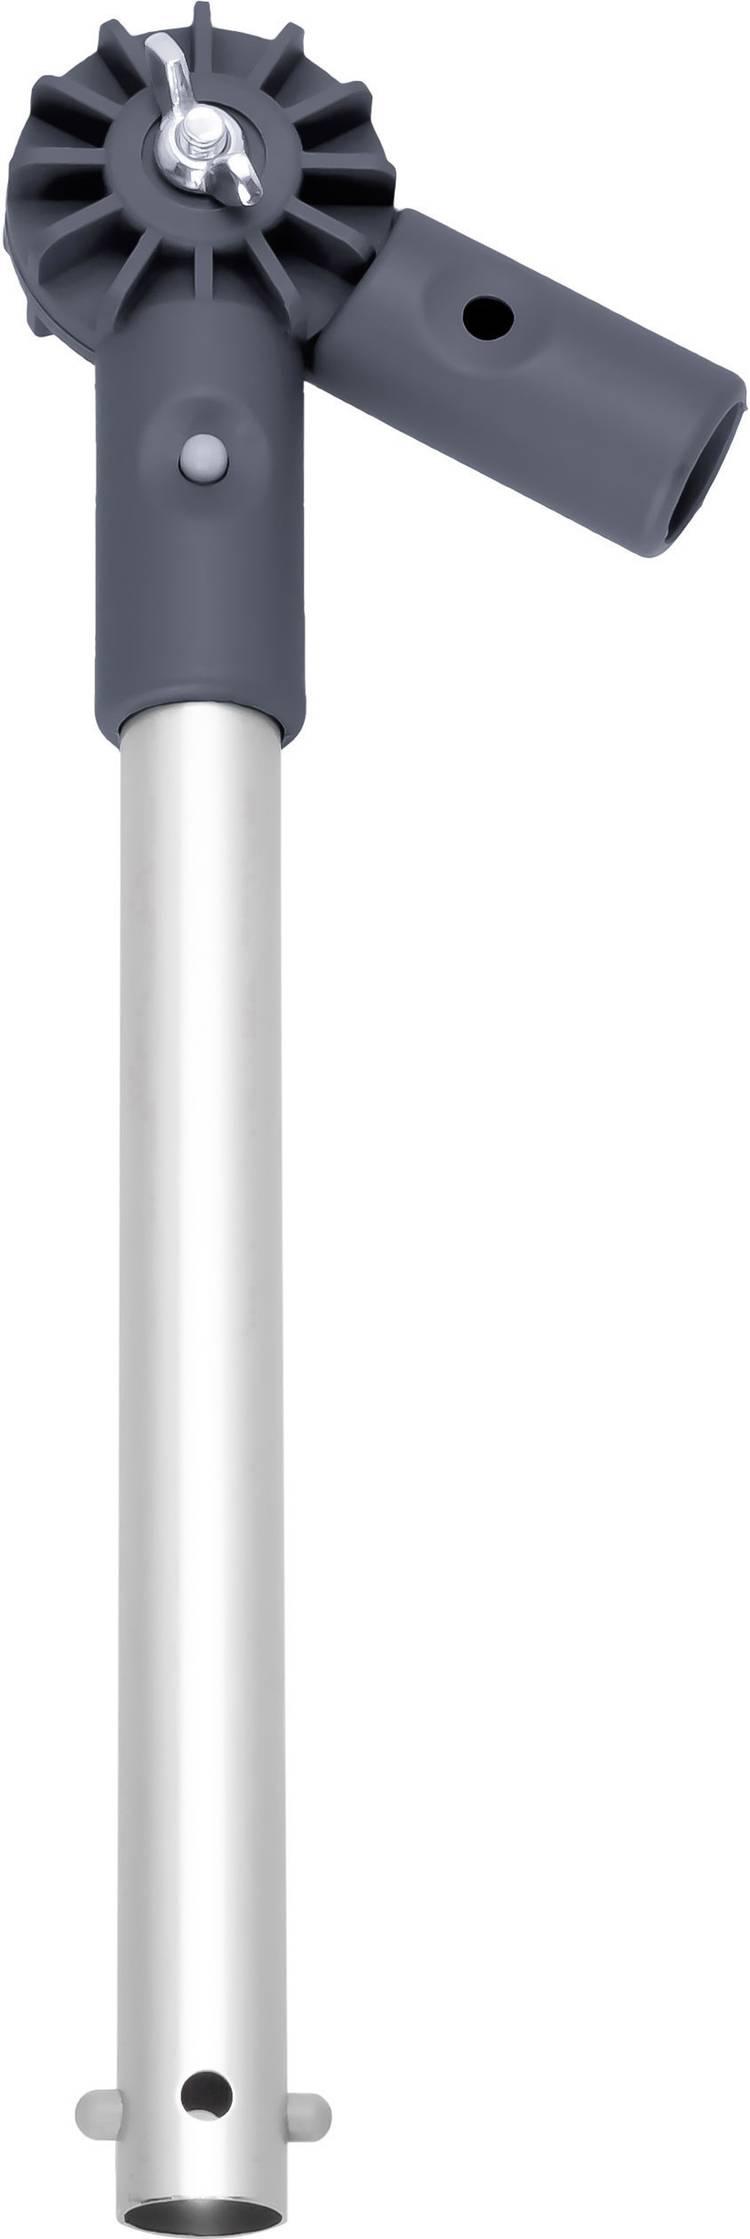 Image of LEWI scharnier voor telescoopstang